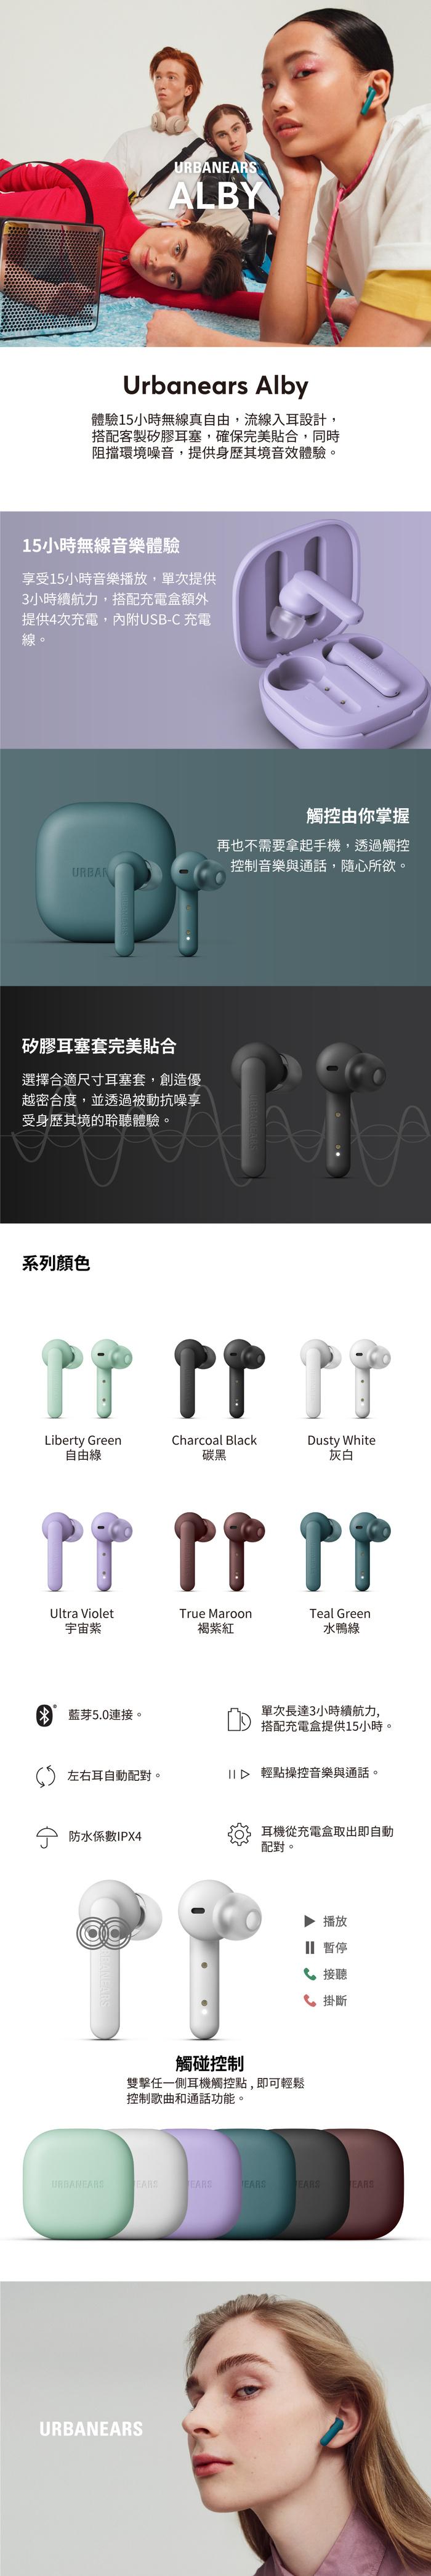 URBANEARS|Alby 耳塞式啞光真無線藍牙耳機(灰白)